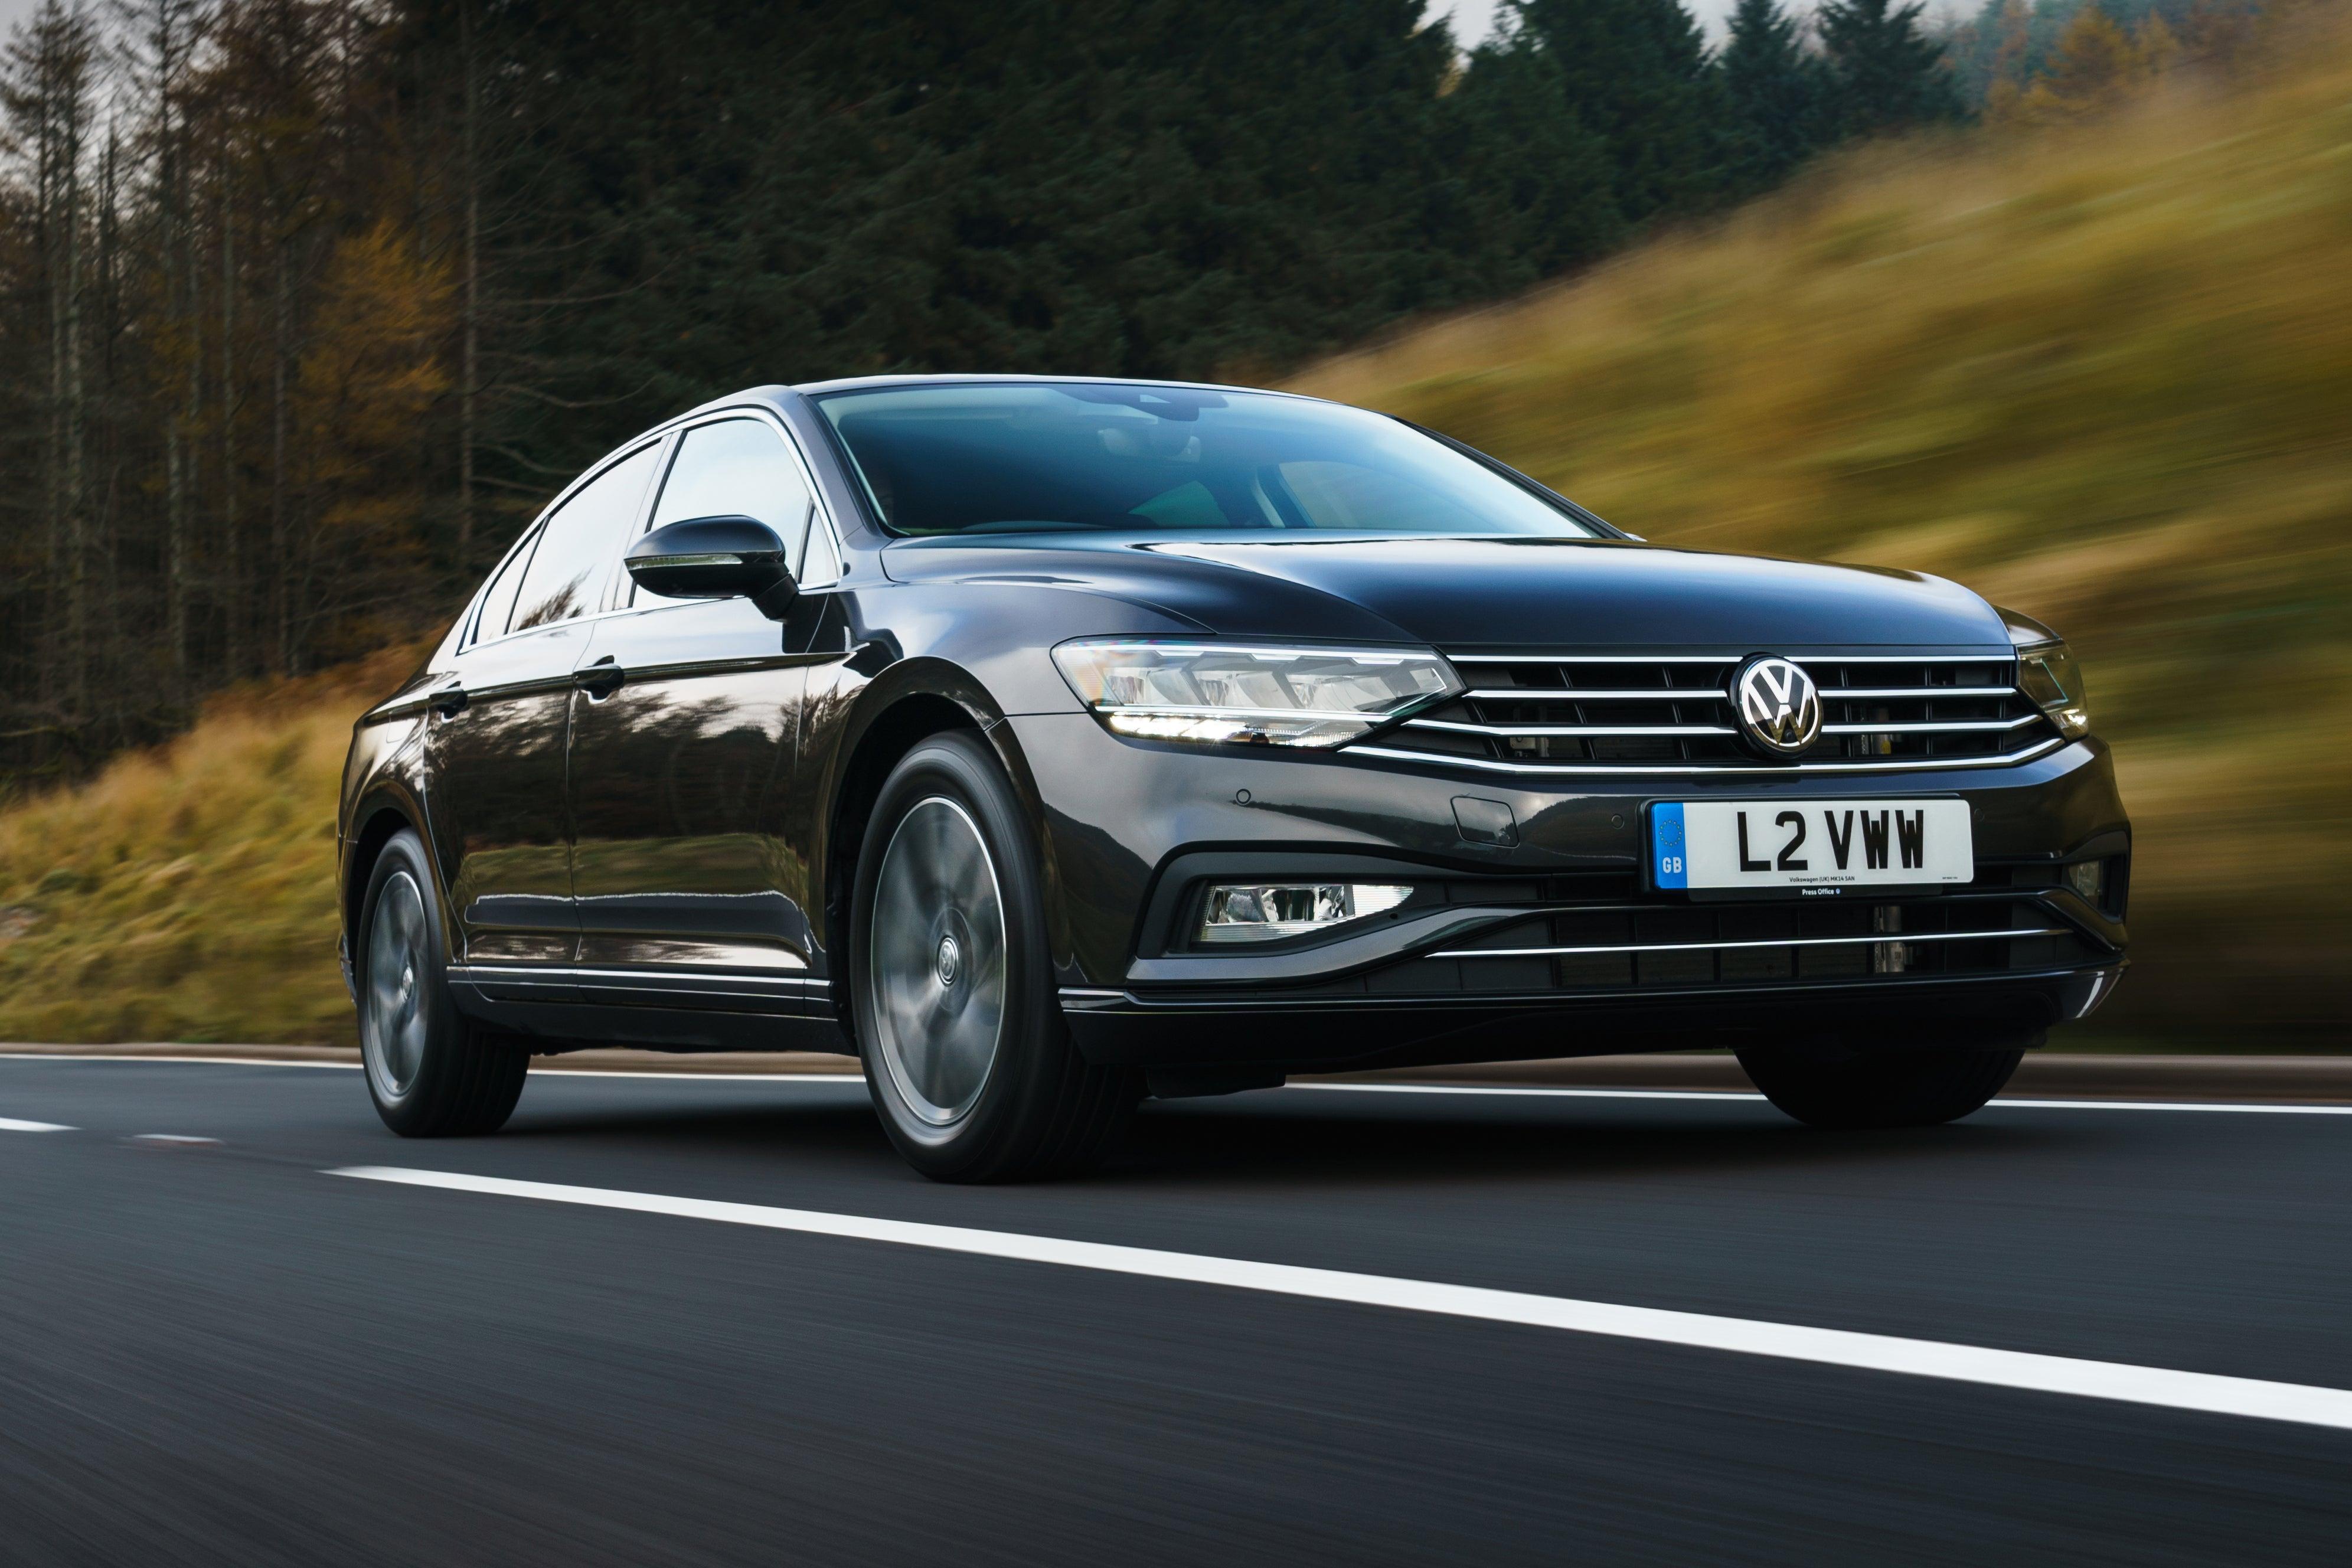 Volkswagen Passat Front Side View